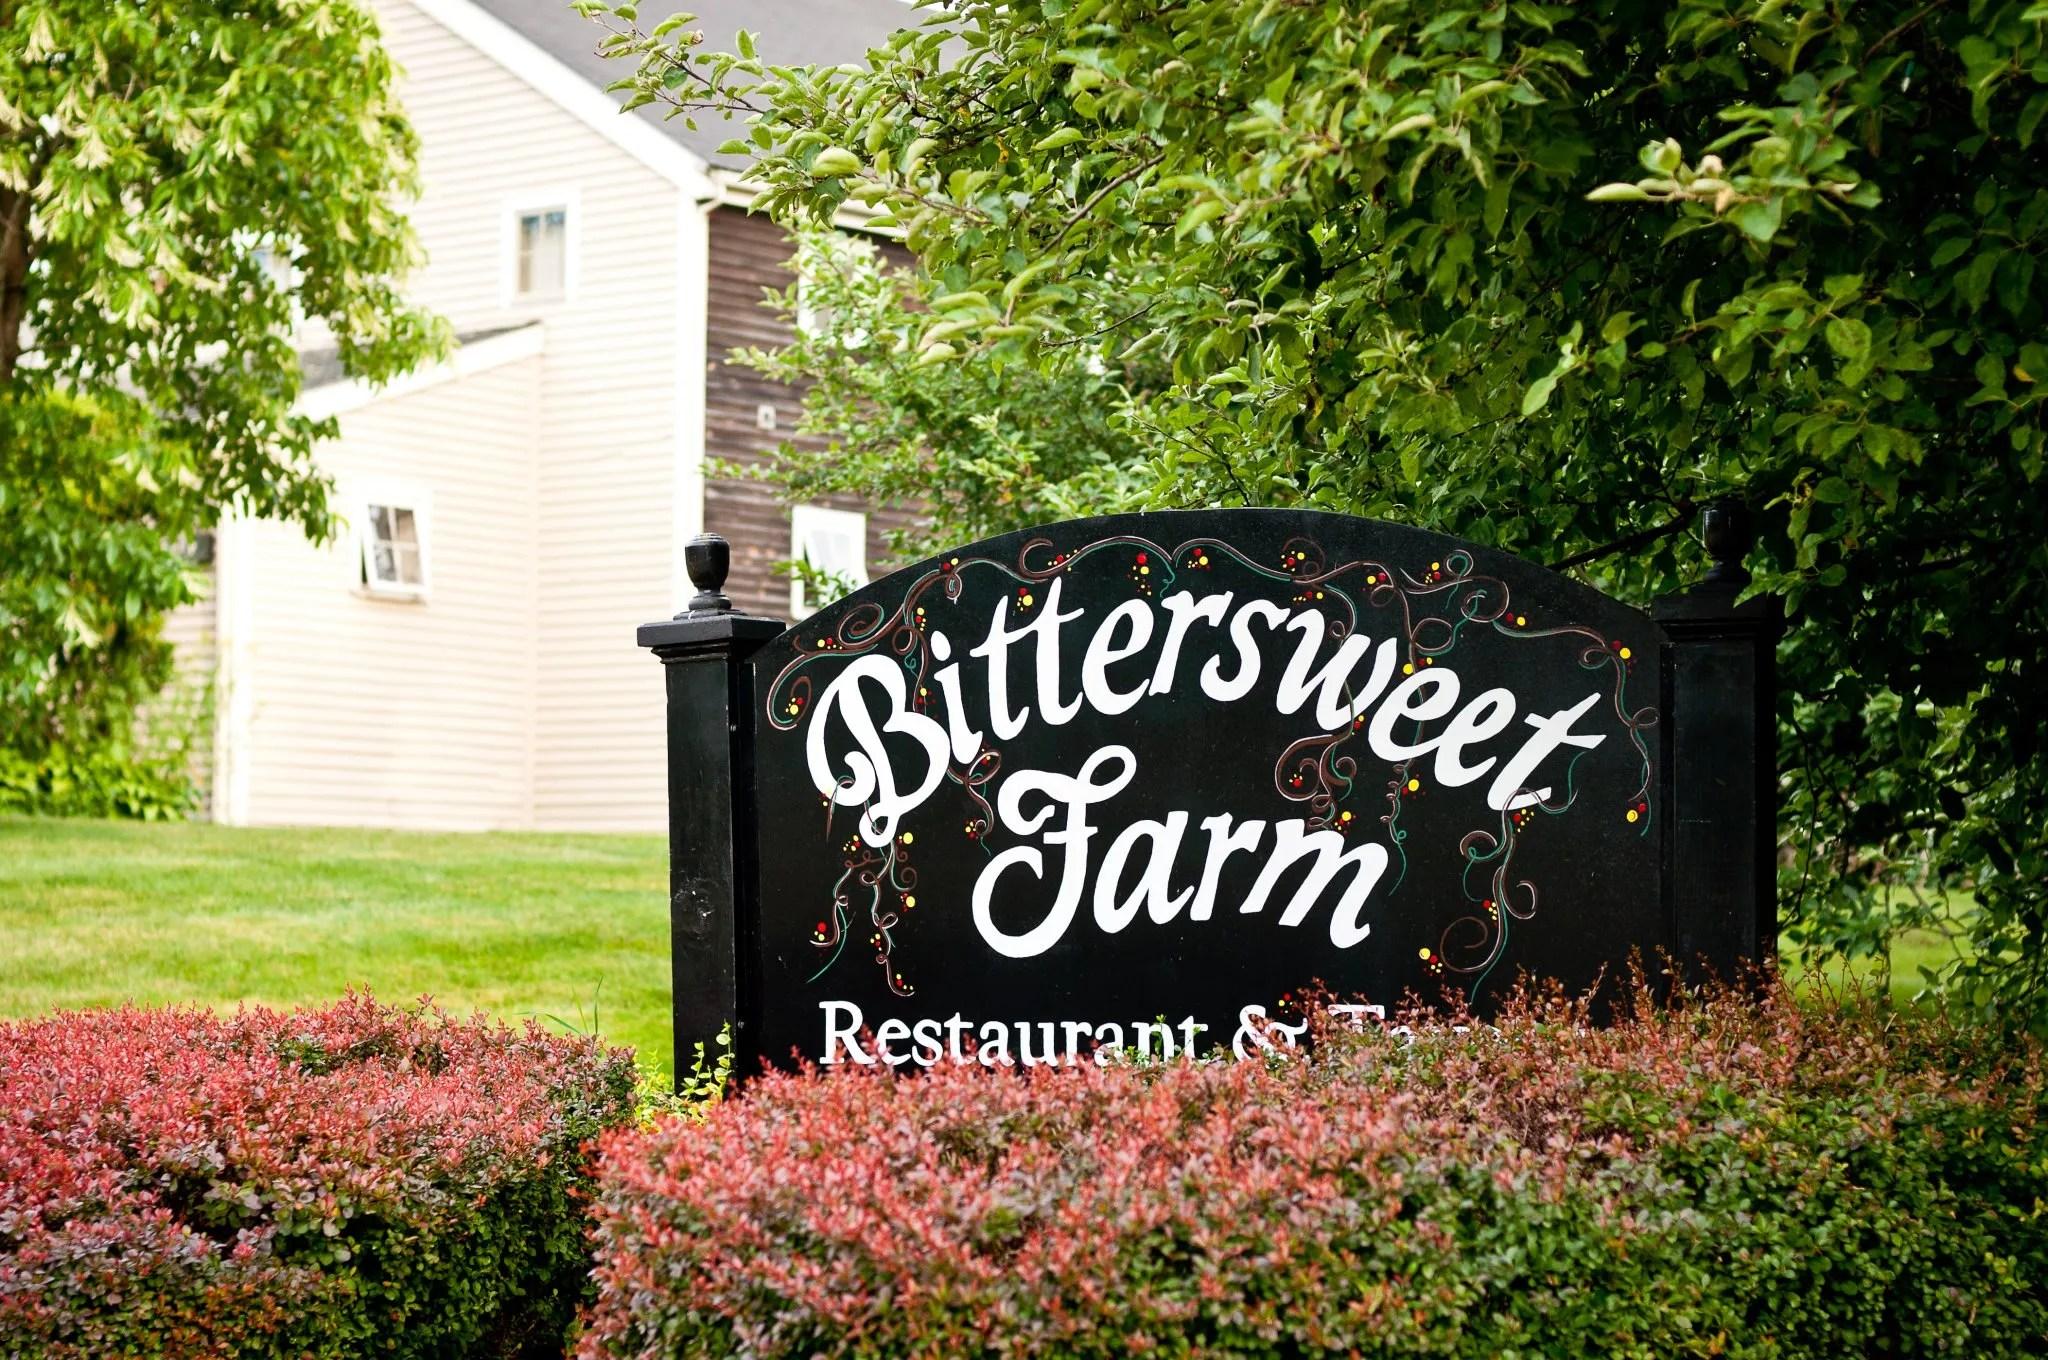 Bittersweet Farm Restaurant and Tavern in Westport.